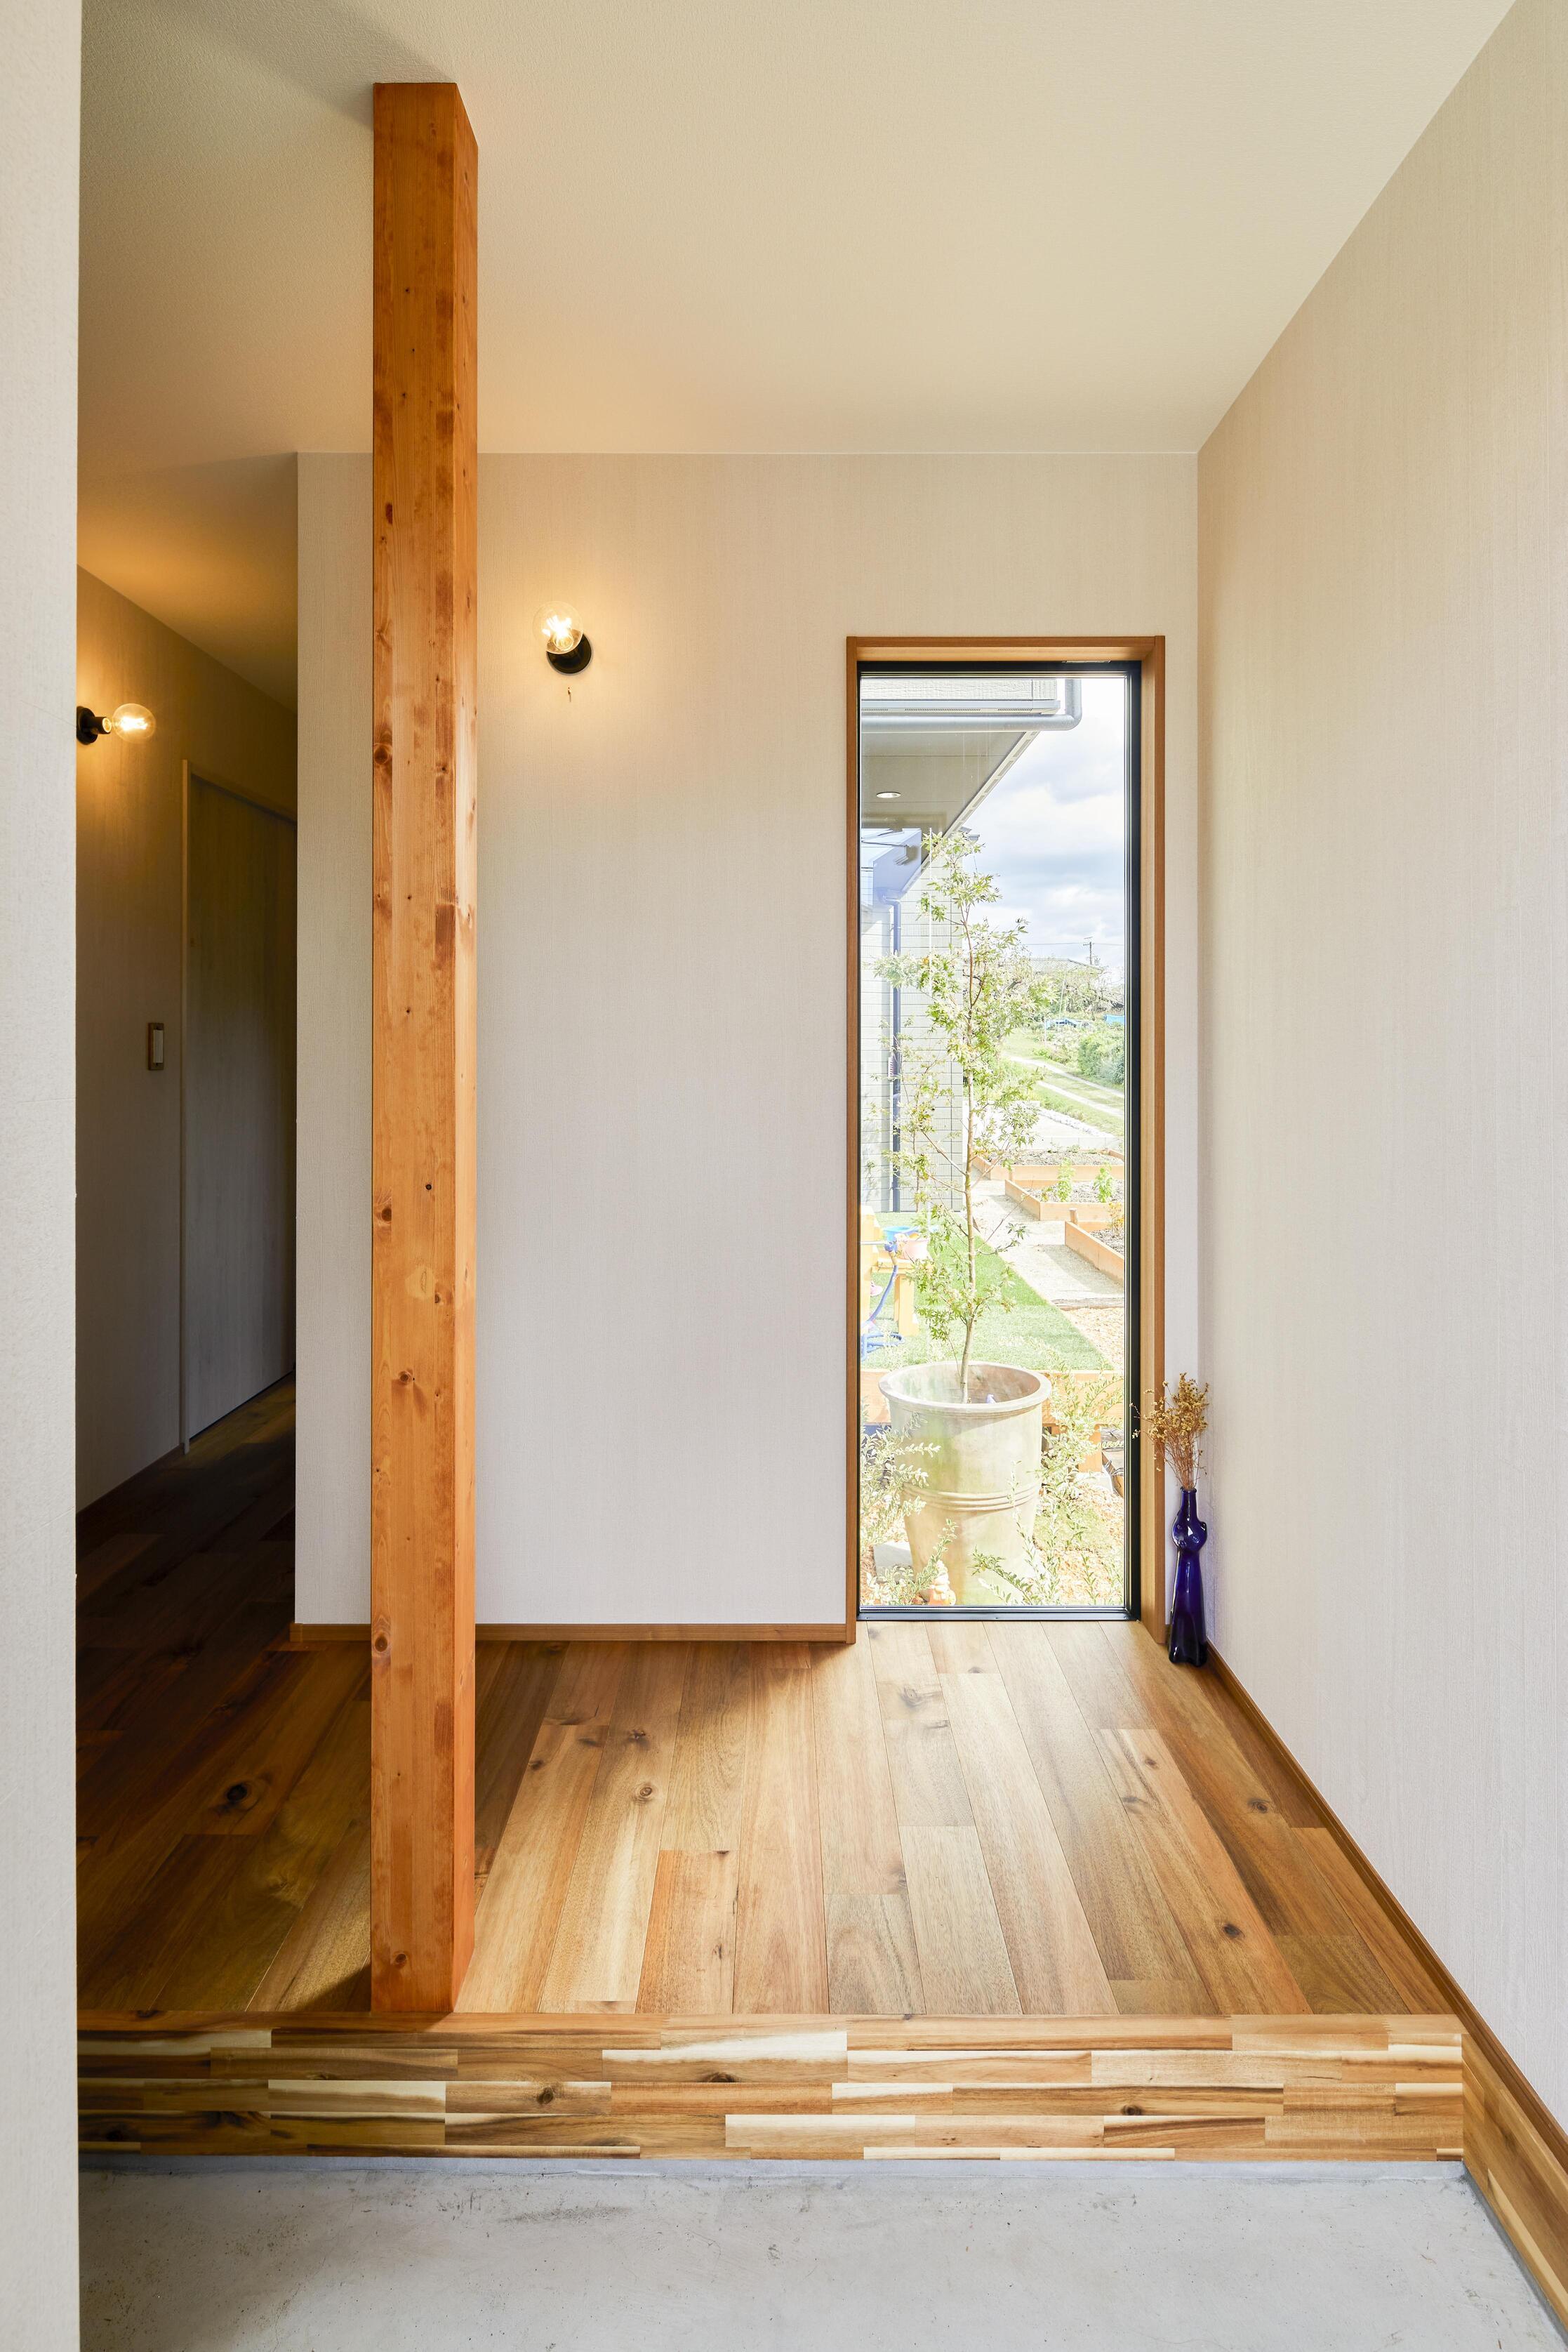 玄関から入るとまず目に入るのが正面の窓。まるで額縁のように庭の風景を切り取り、季節の移ろいを感じさせてくれる